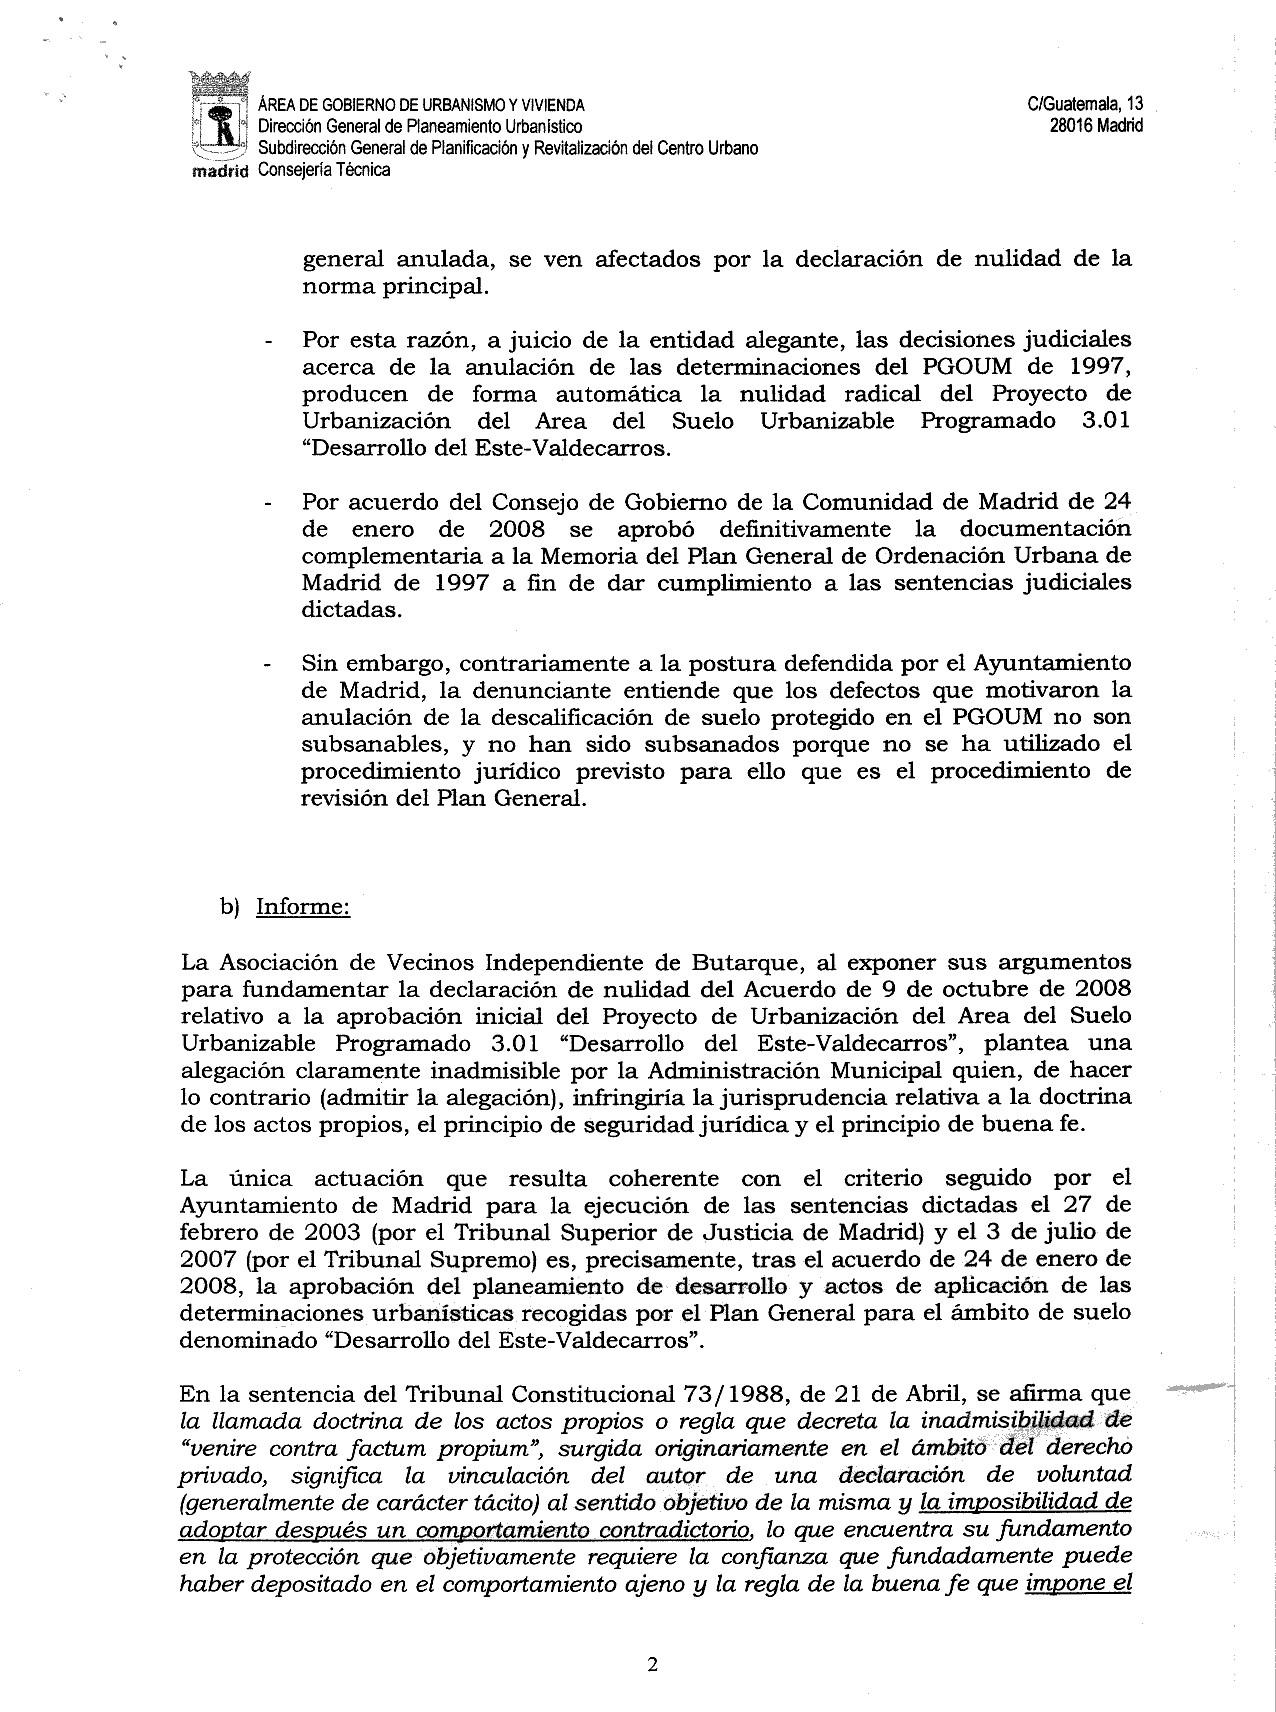 Desestimacion_alegaciones_Valdecarros-3.jpg